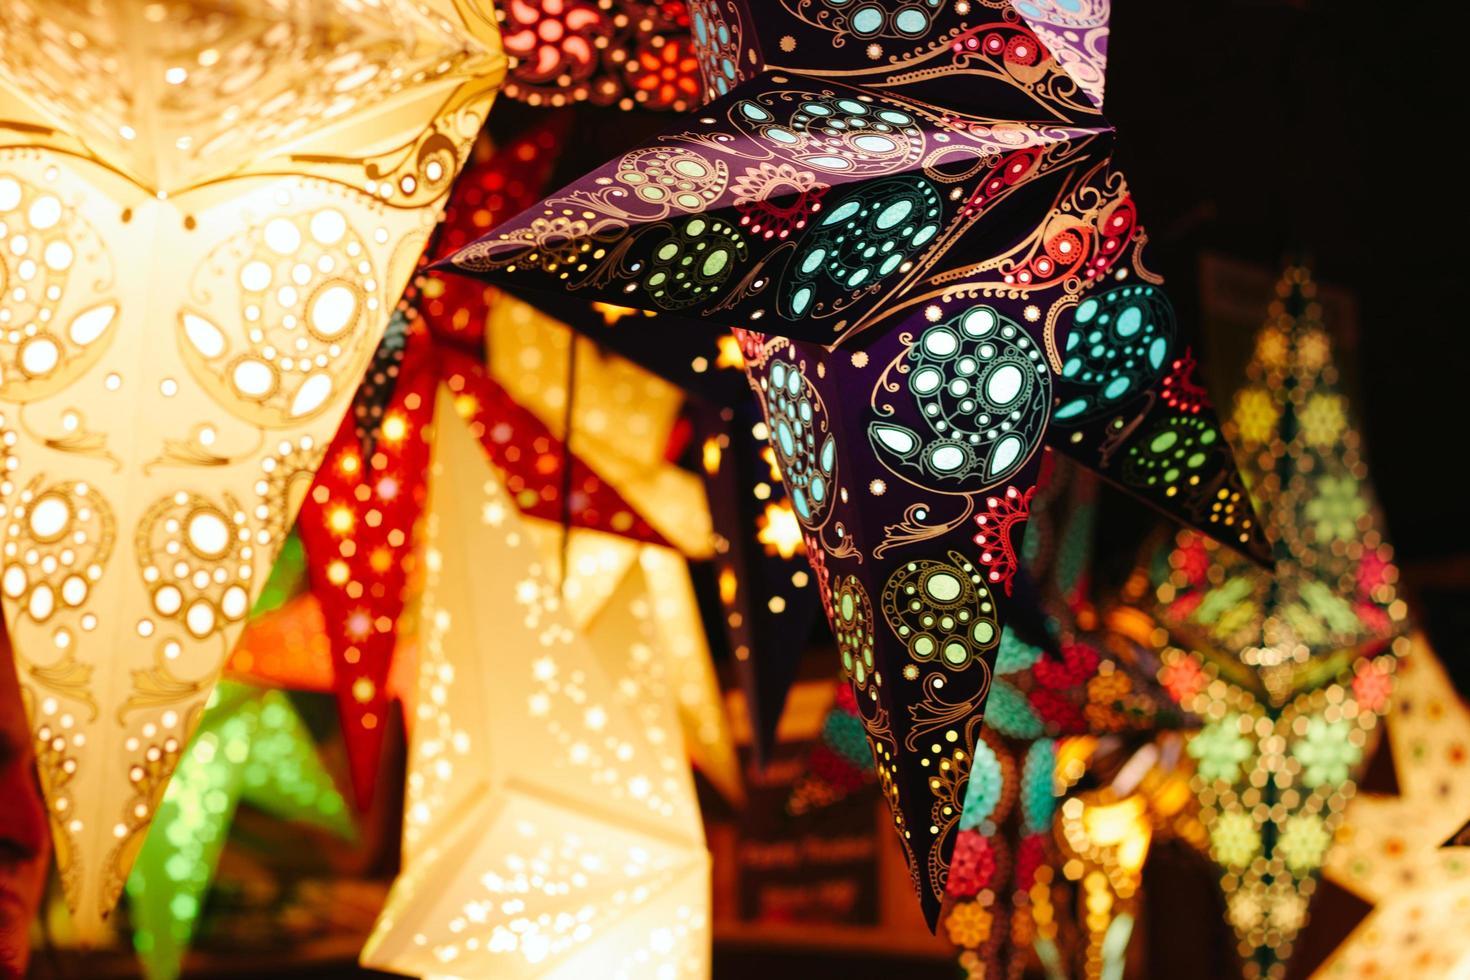 linternas multicolores iluminadas foto